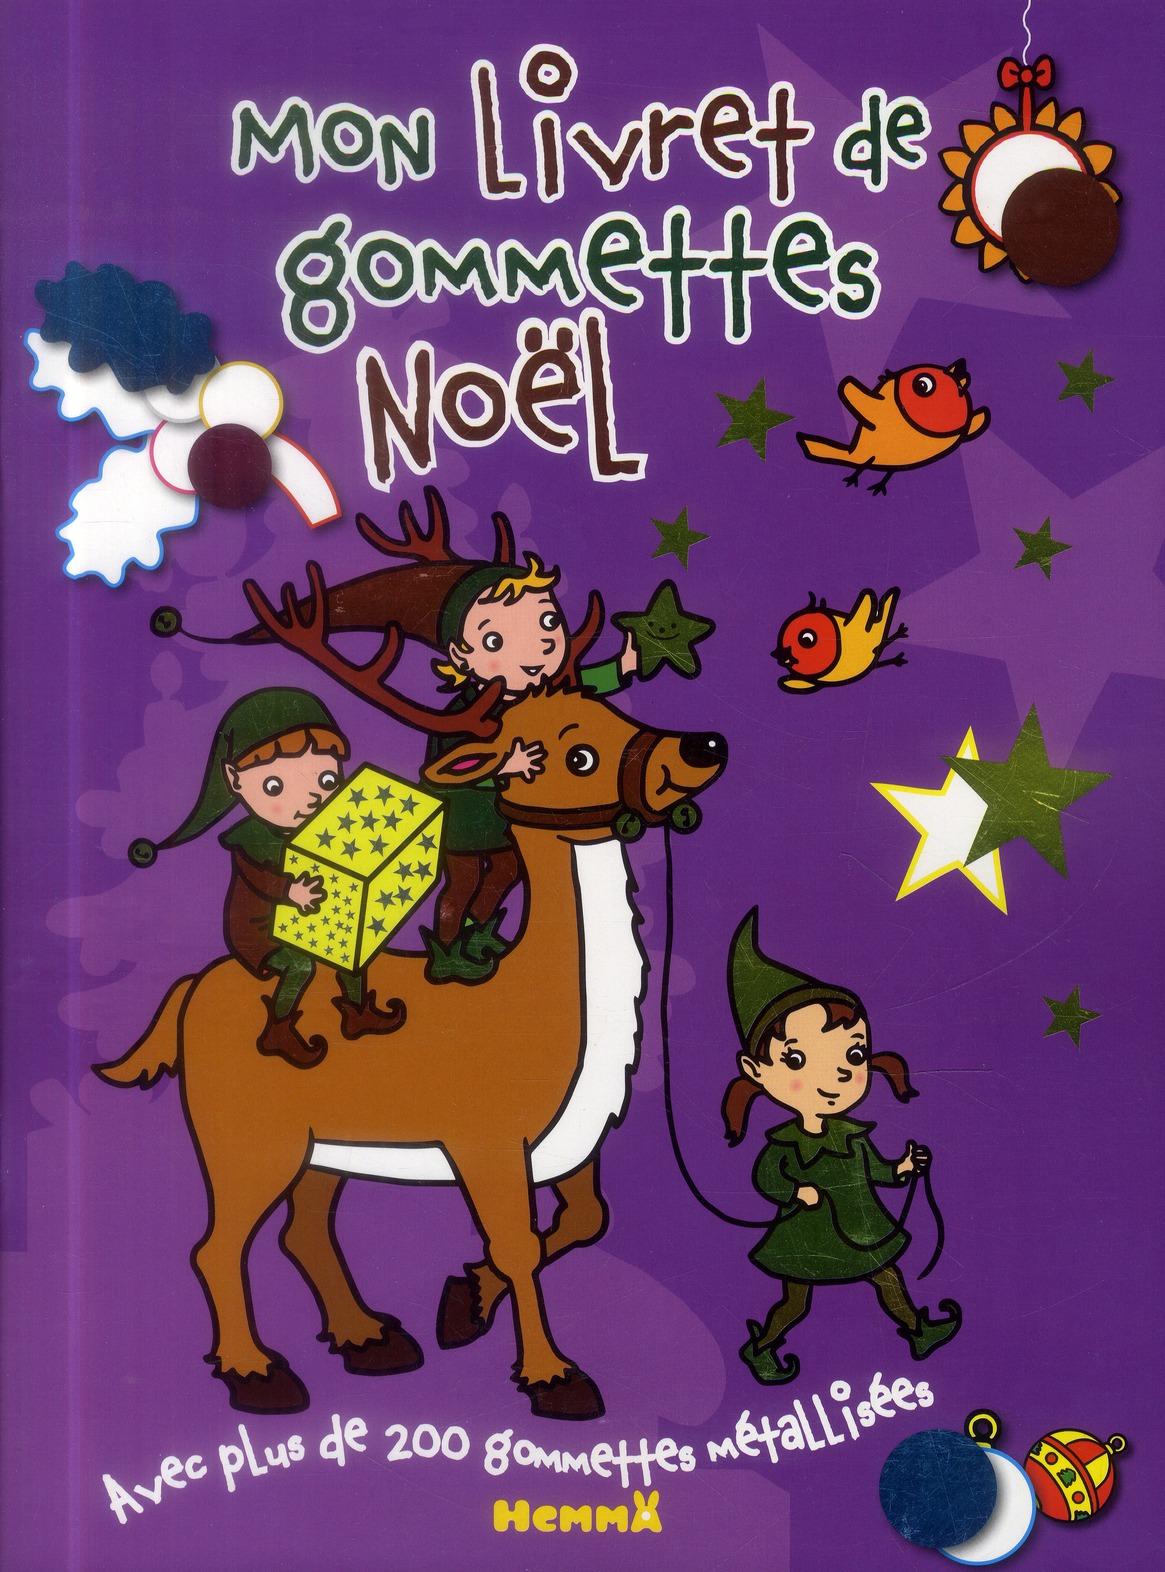 MON LIVRET GOMMETTES NOEL LUTI